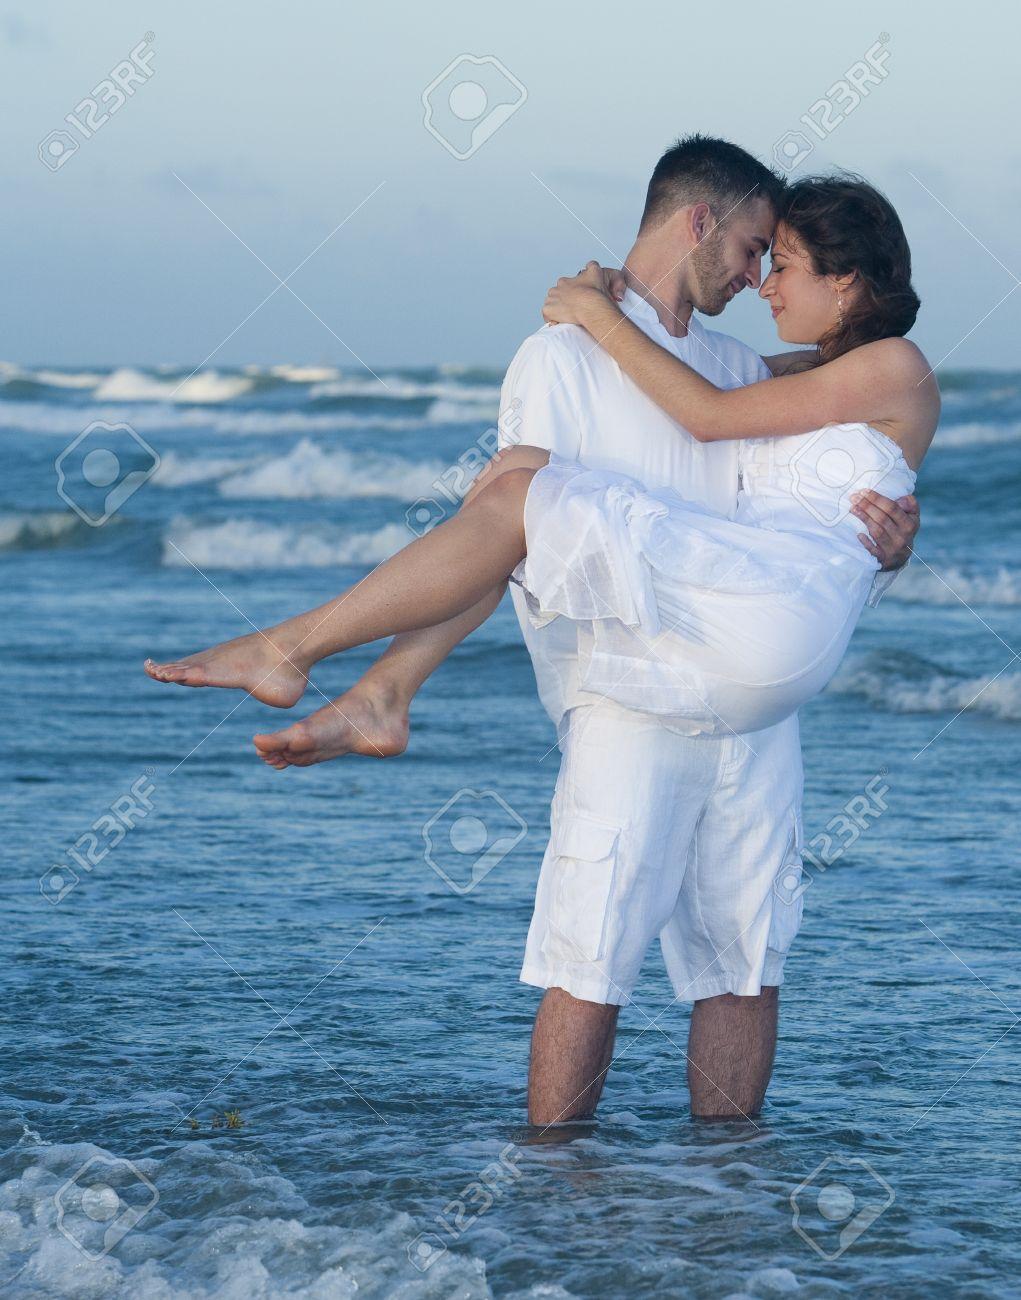 Resultado de imagem para man holding woman